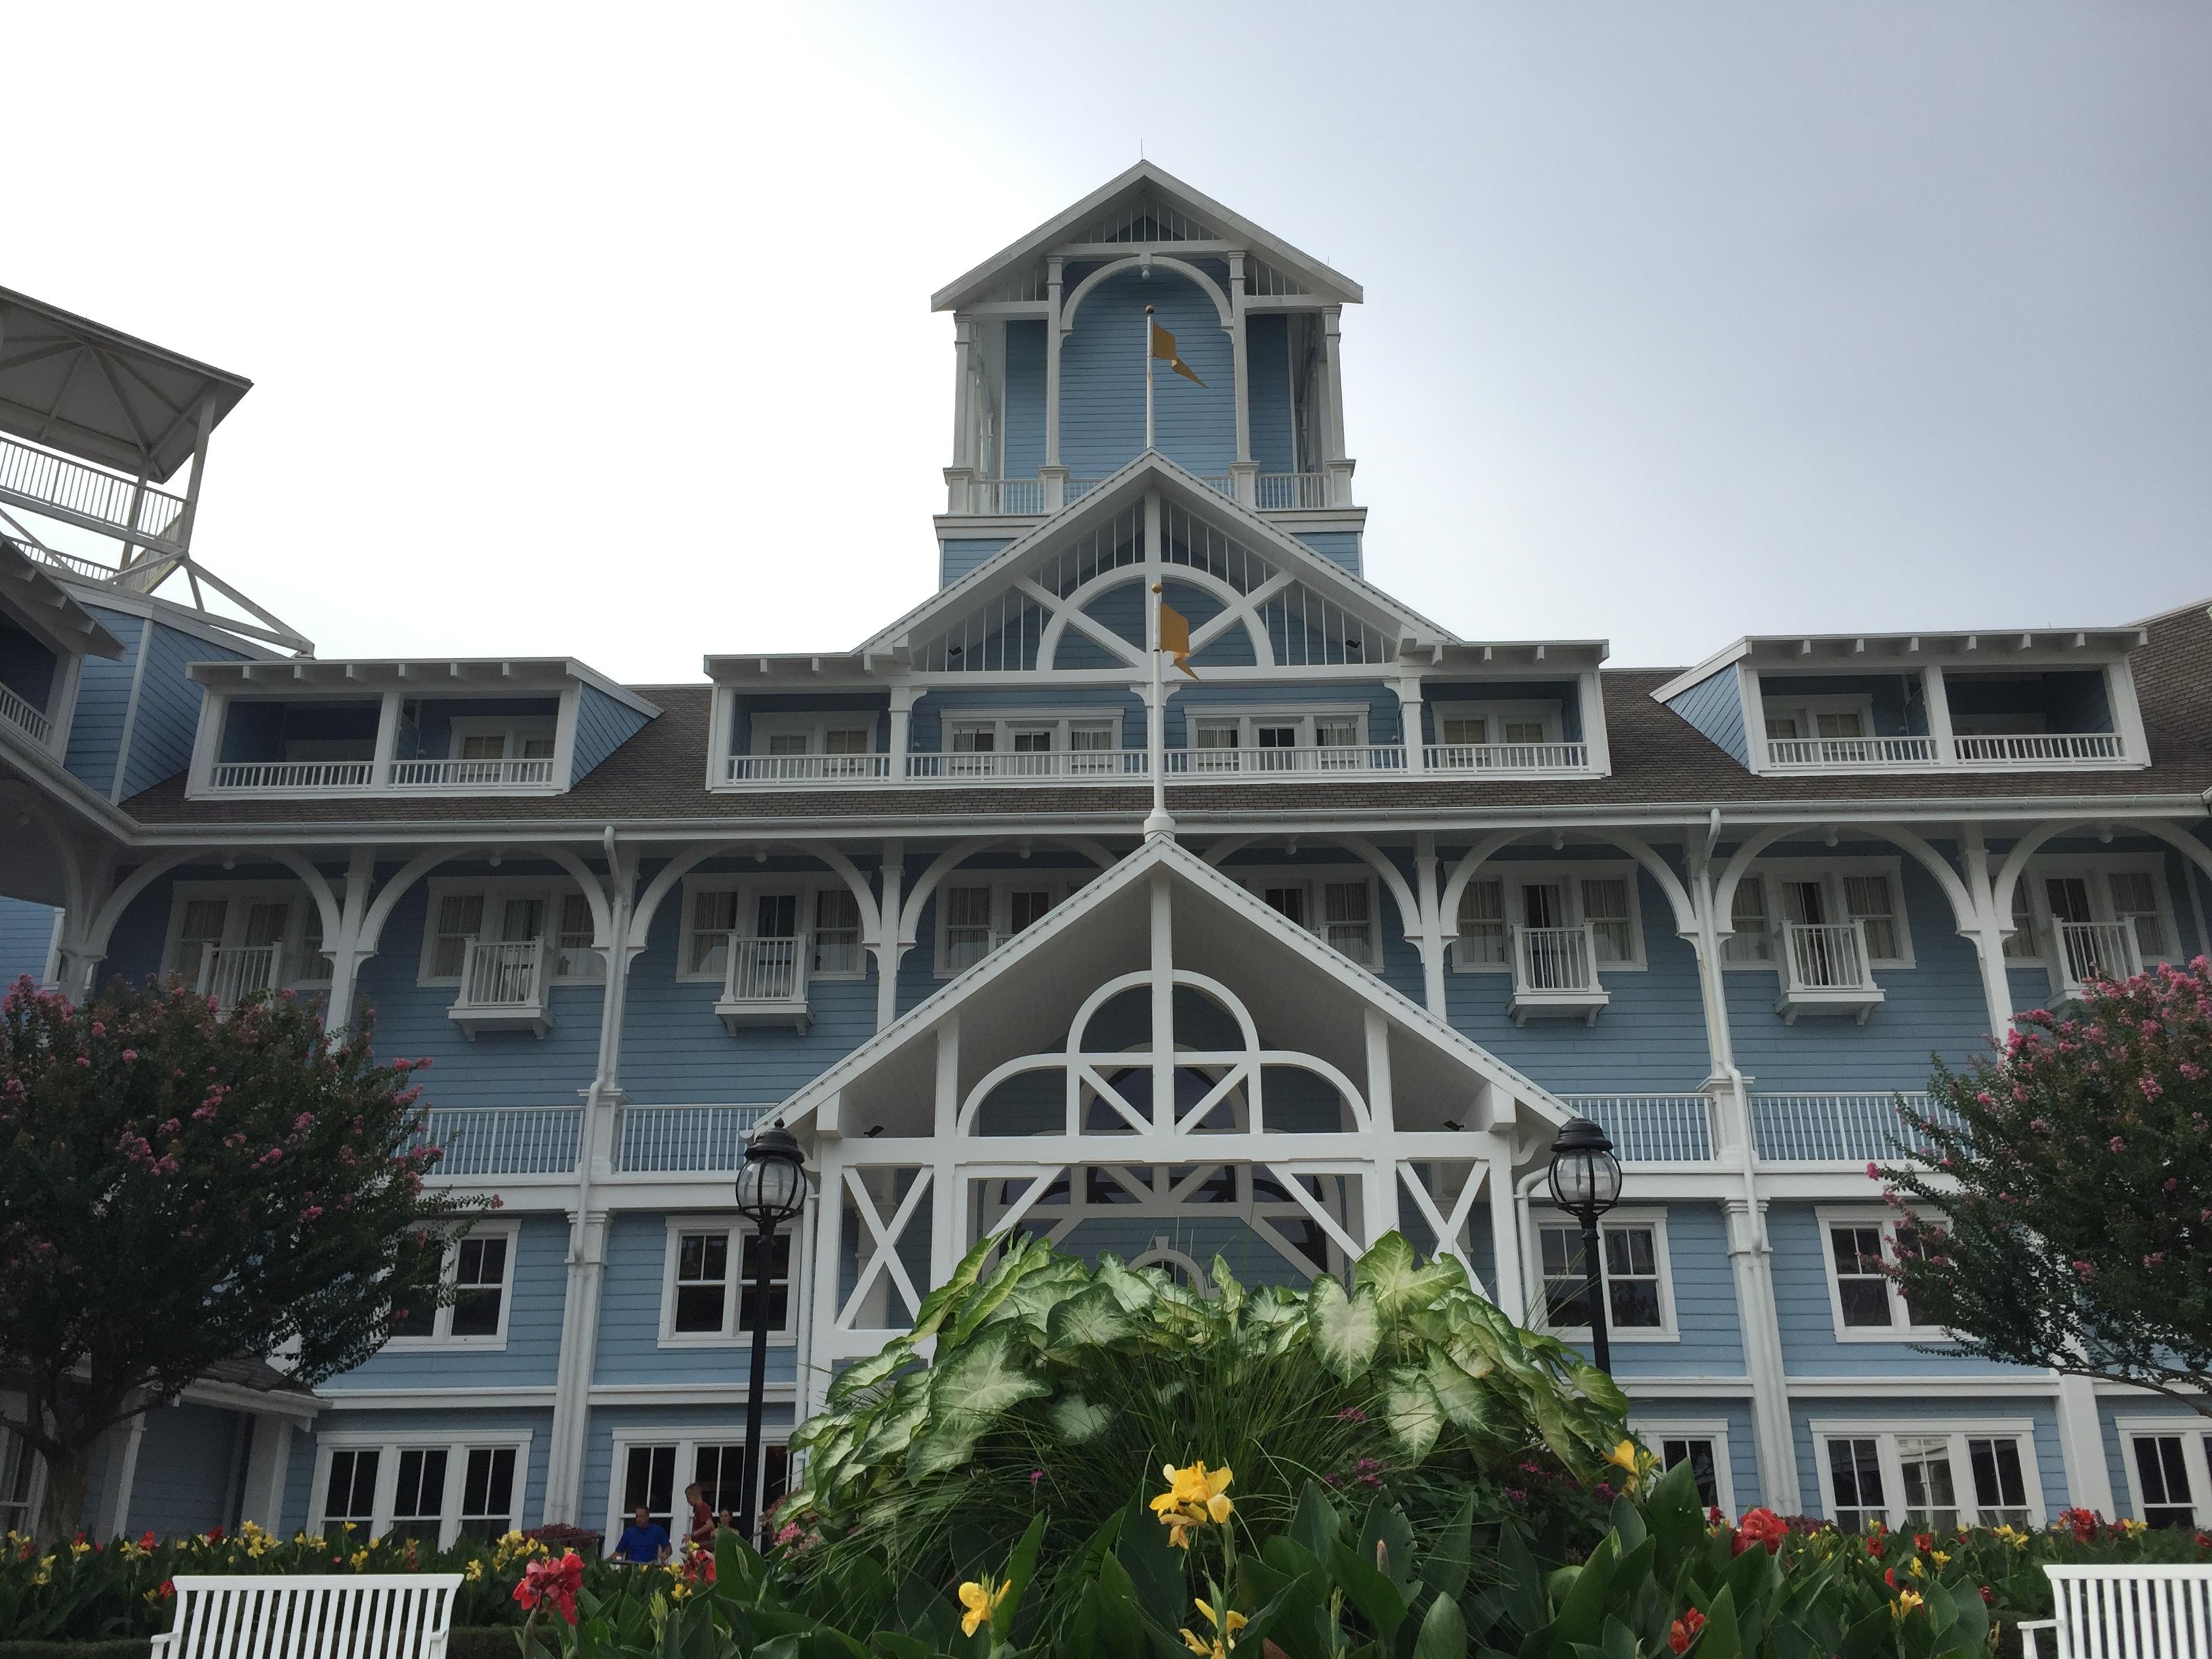 ディズニーワールドの直営ホテルの特典は?値段が高くても宿泊する価値は